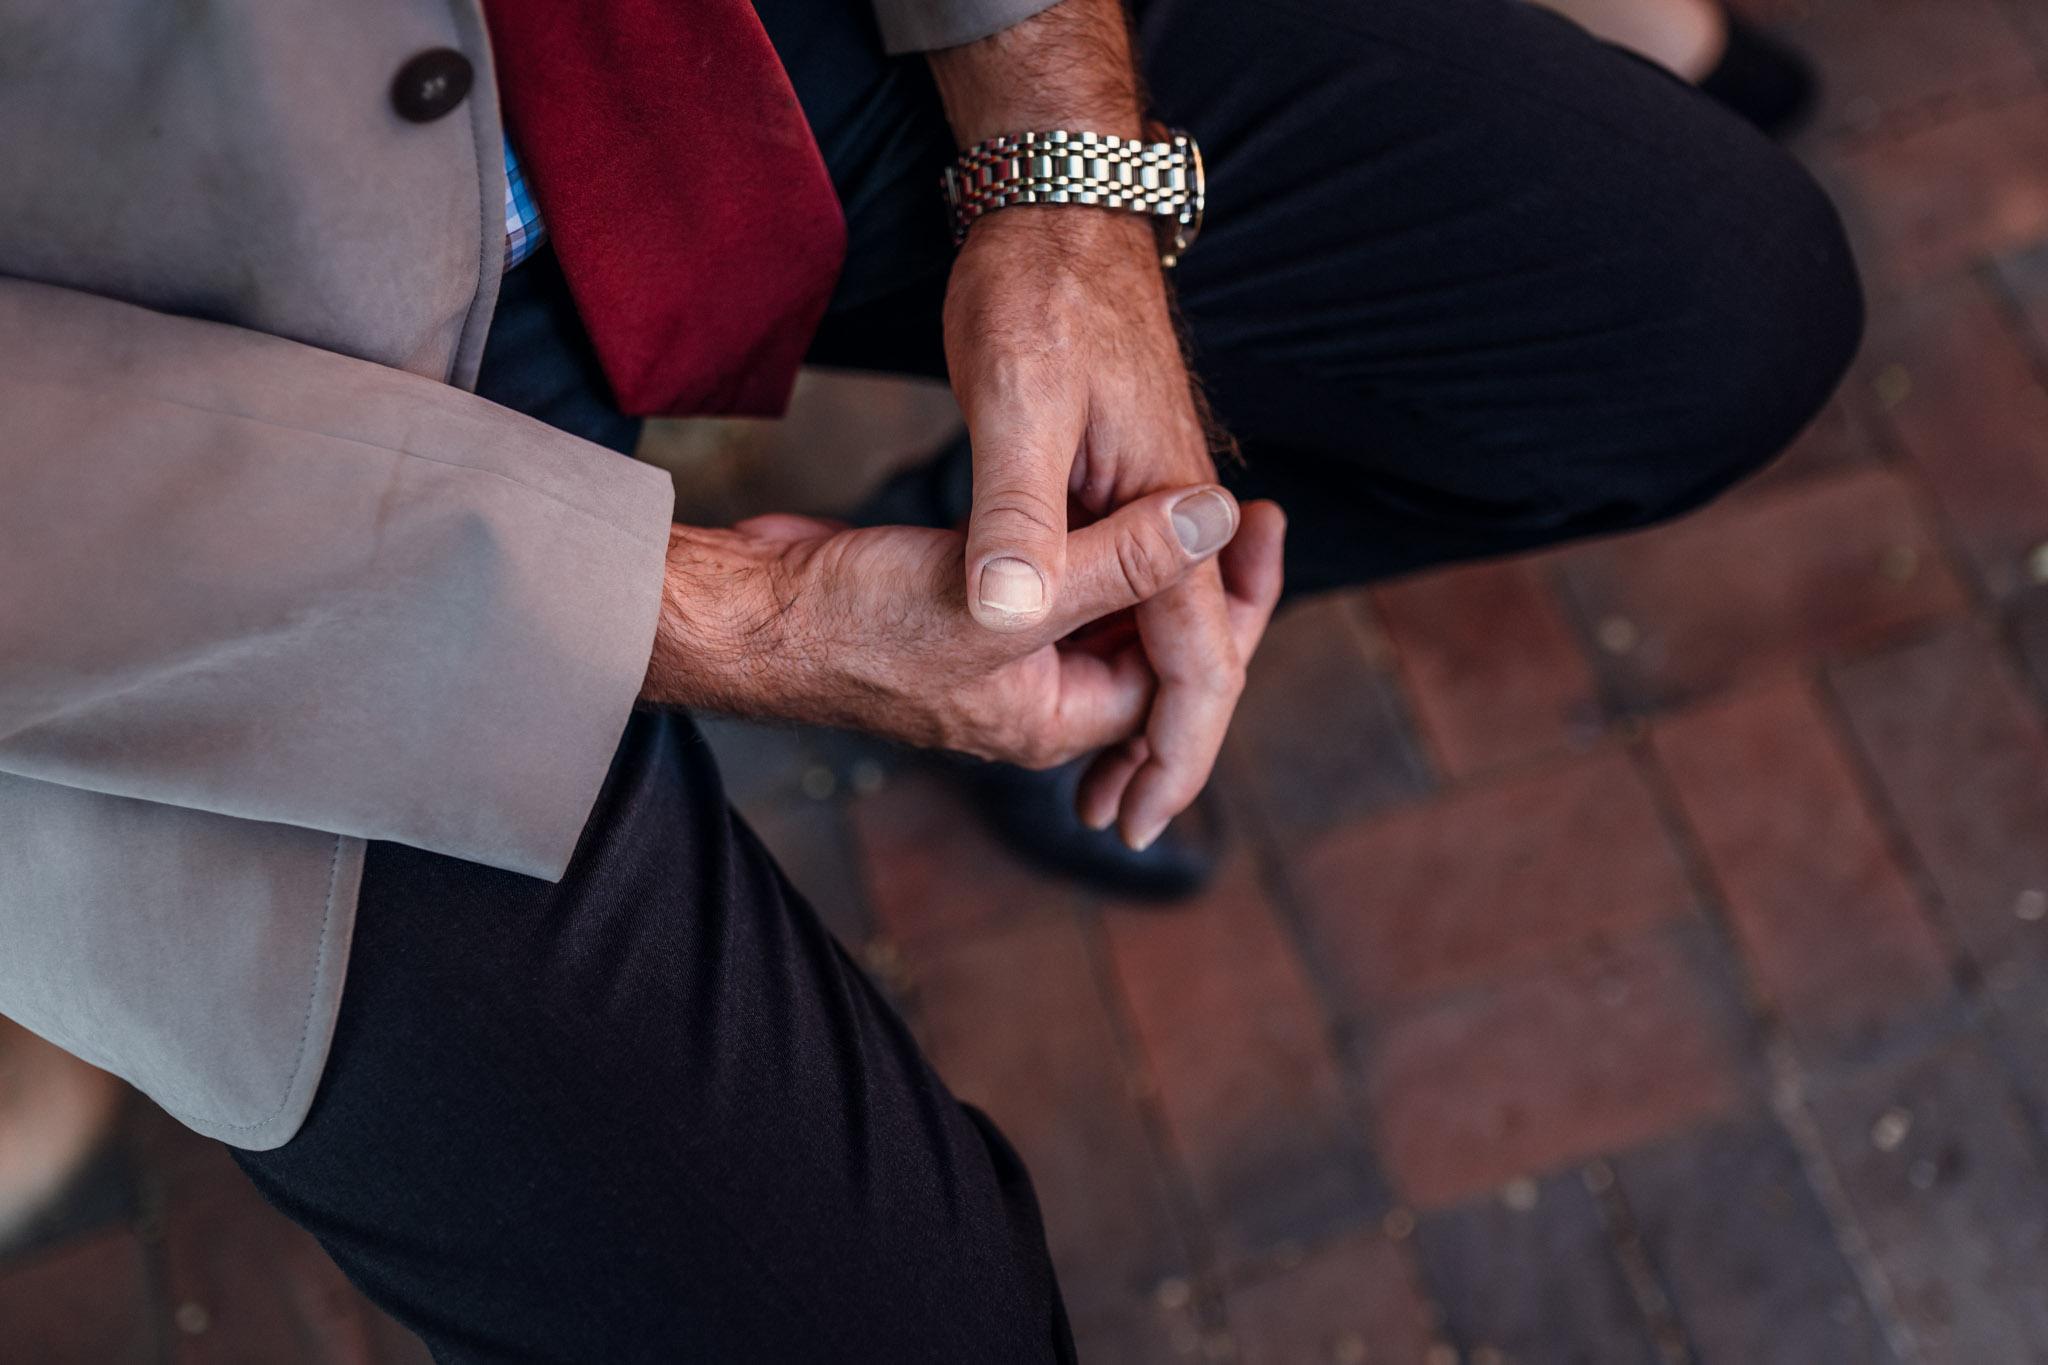 Sven Schomburg Hochzeitsfotografie, Hamburg, Mölln, Hochzeitsfieber by Photo-Schomburg, Hochzeitsreportage, Forsthaus Waldhusen, Braut, Bräutigam-14